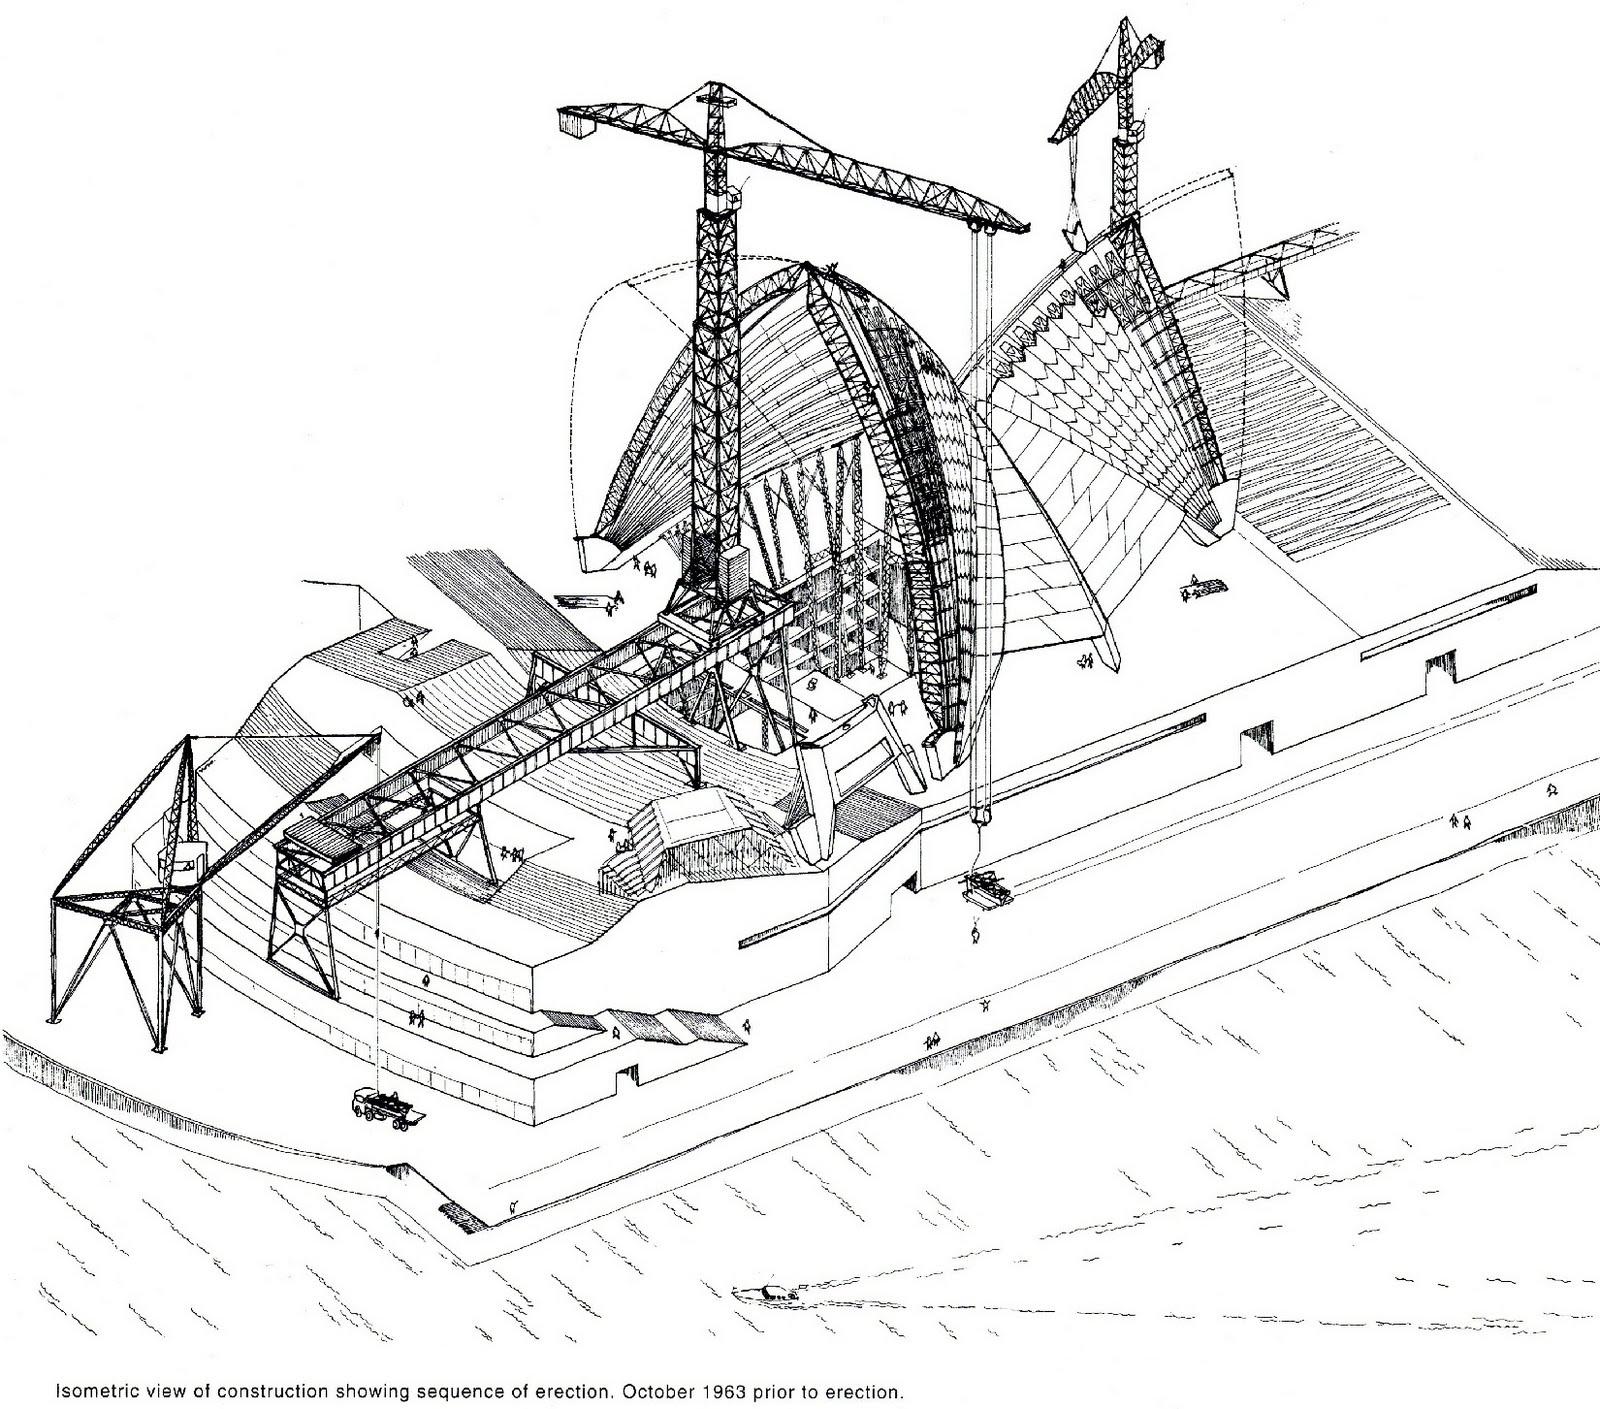 Процесс строительства, Сиднейская опера, архитектор Йорн Утзон.